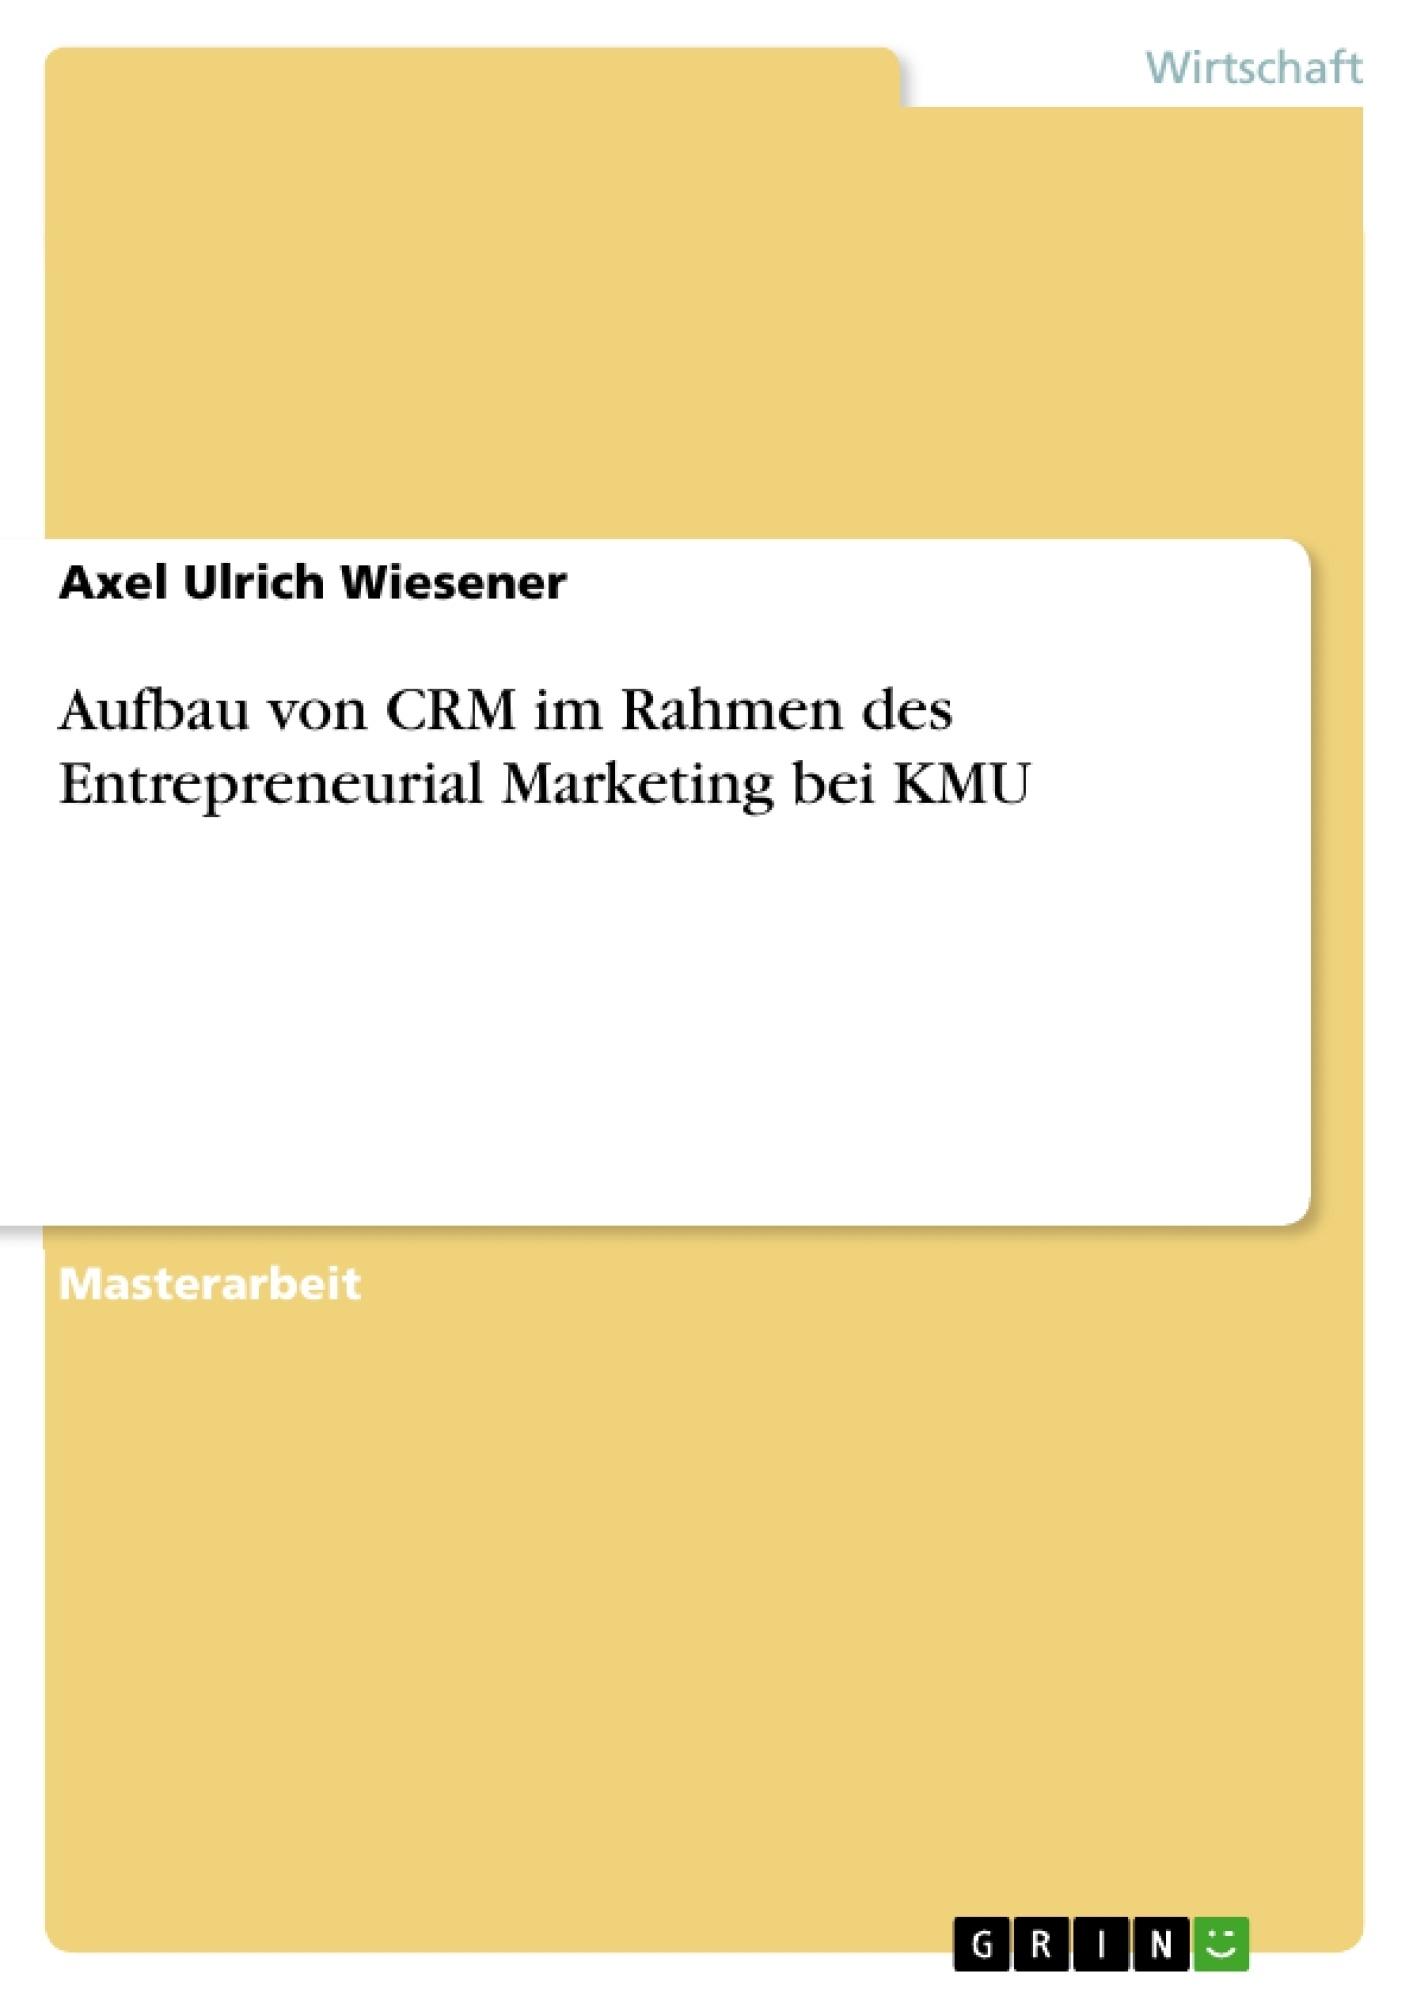 Titel: Aufbau von CRM im Rahmen des Entrepreneurial Marketing bei KMU